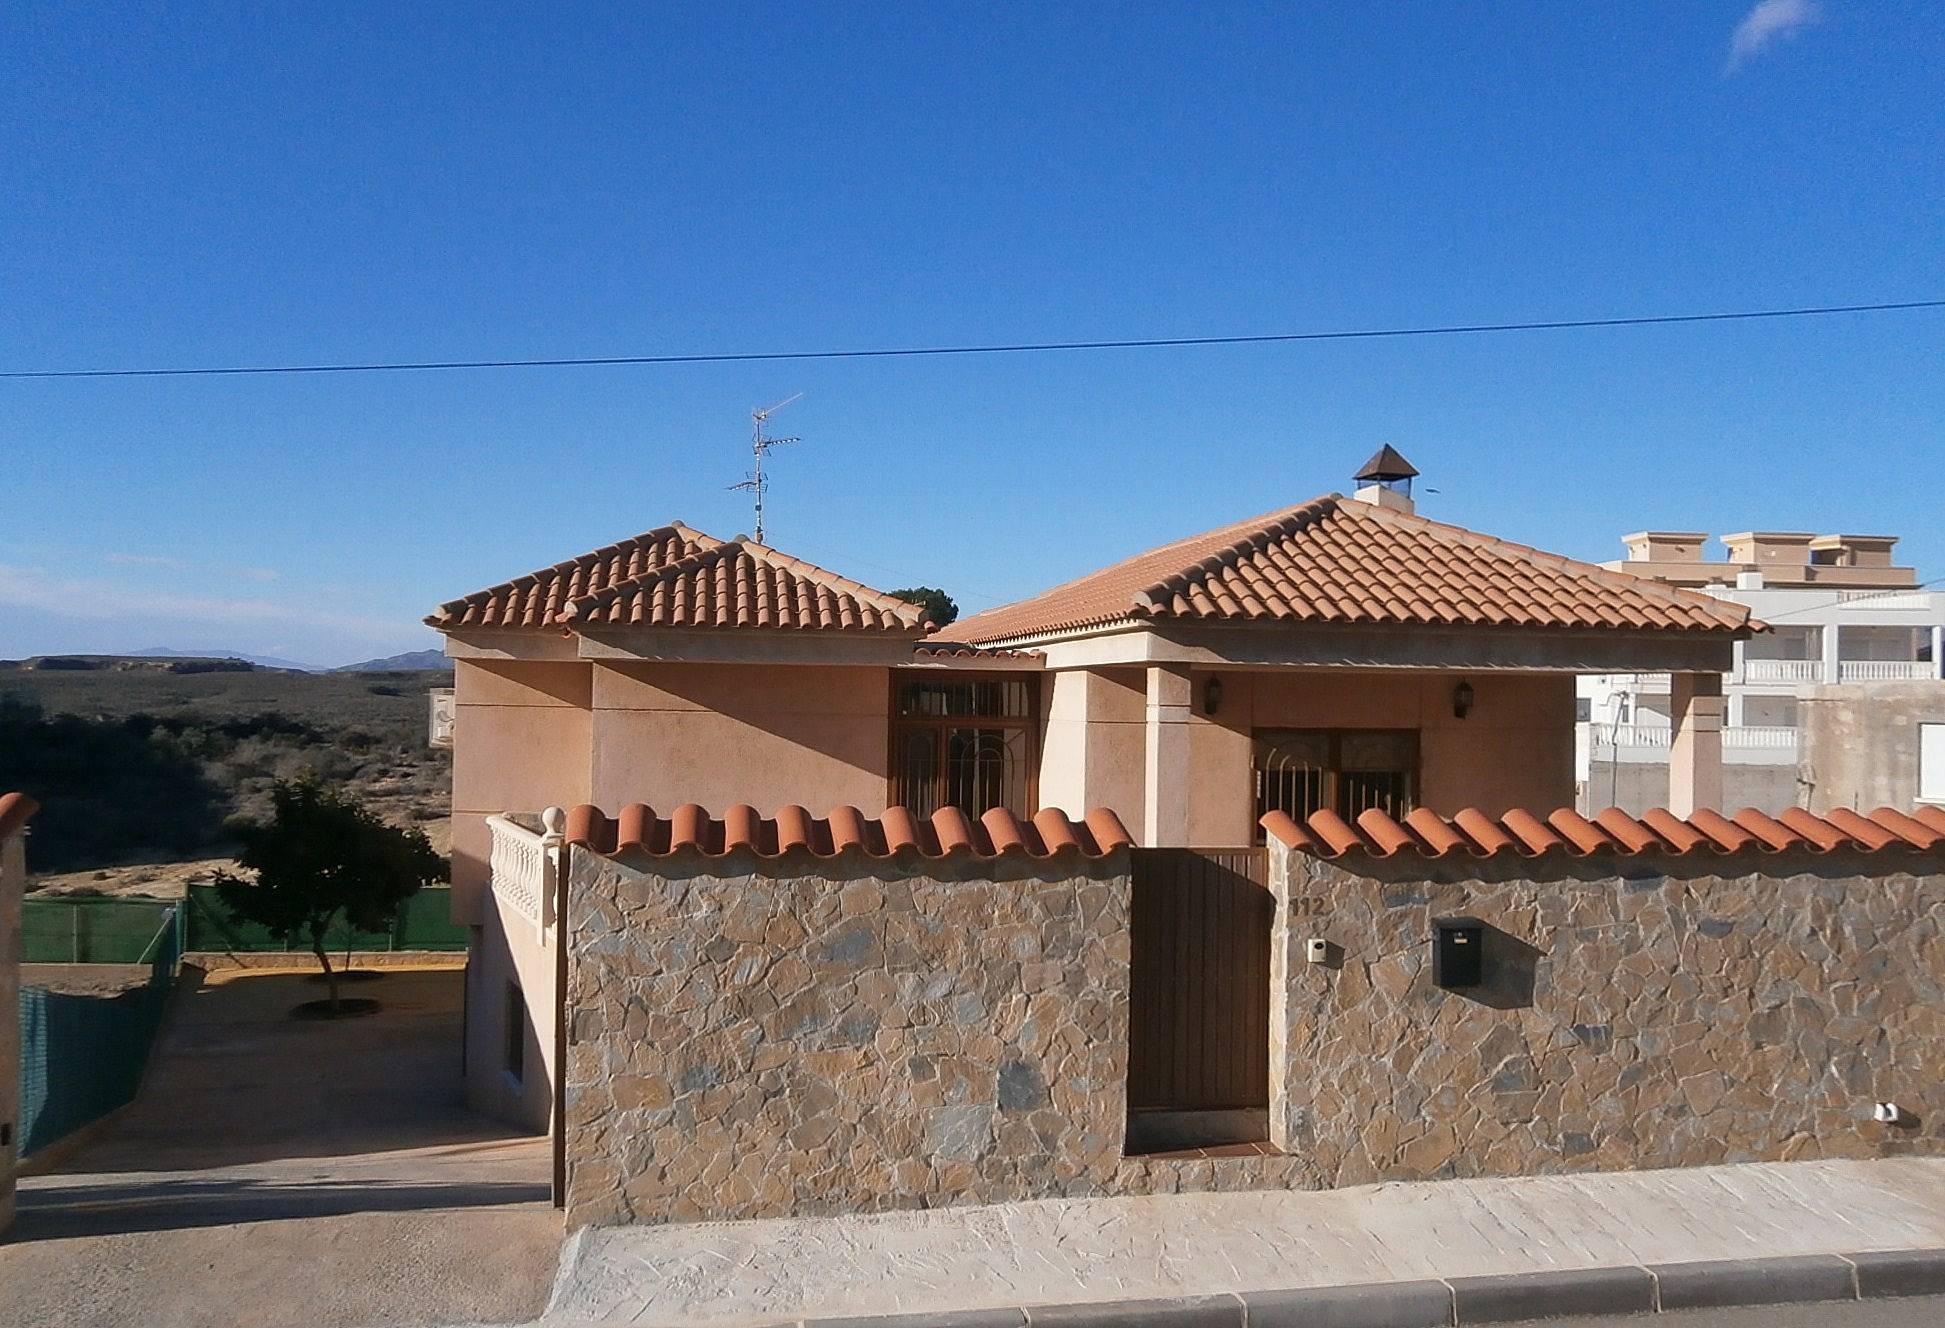 Alquiler apartamentos vacacionales en calarreona guilas y casas rurales - Casas alquiler aguilas ...